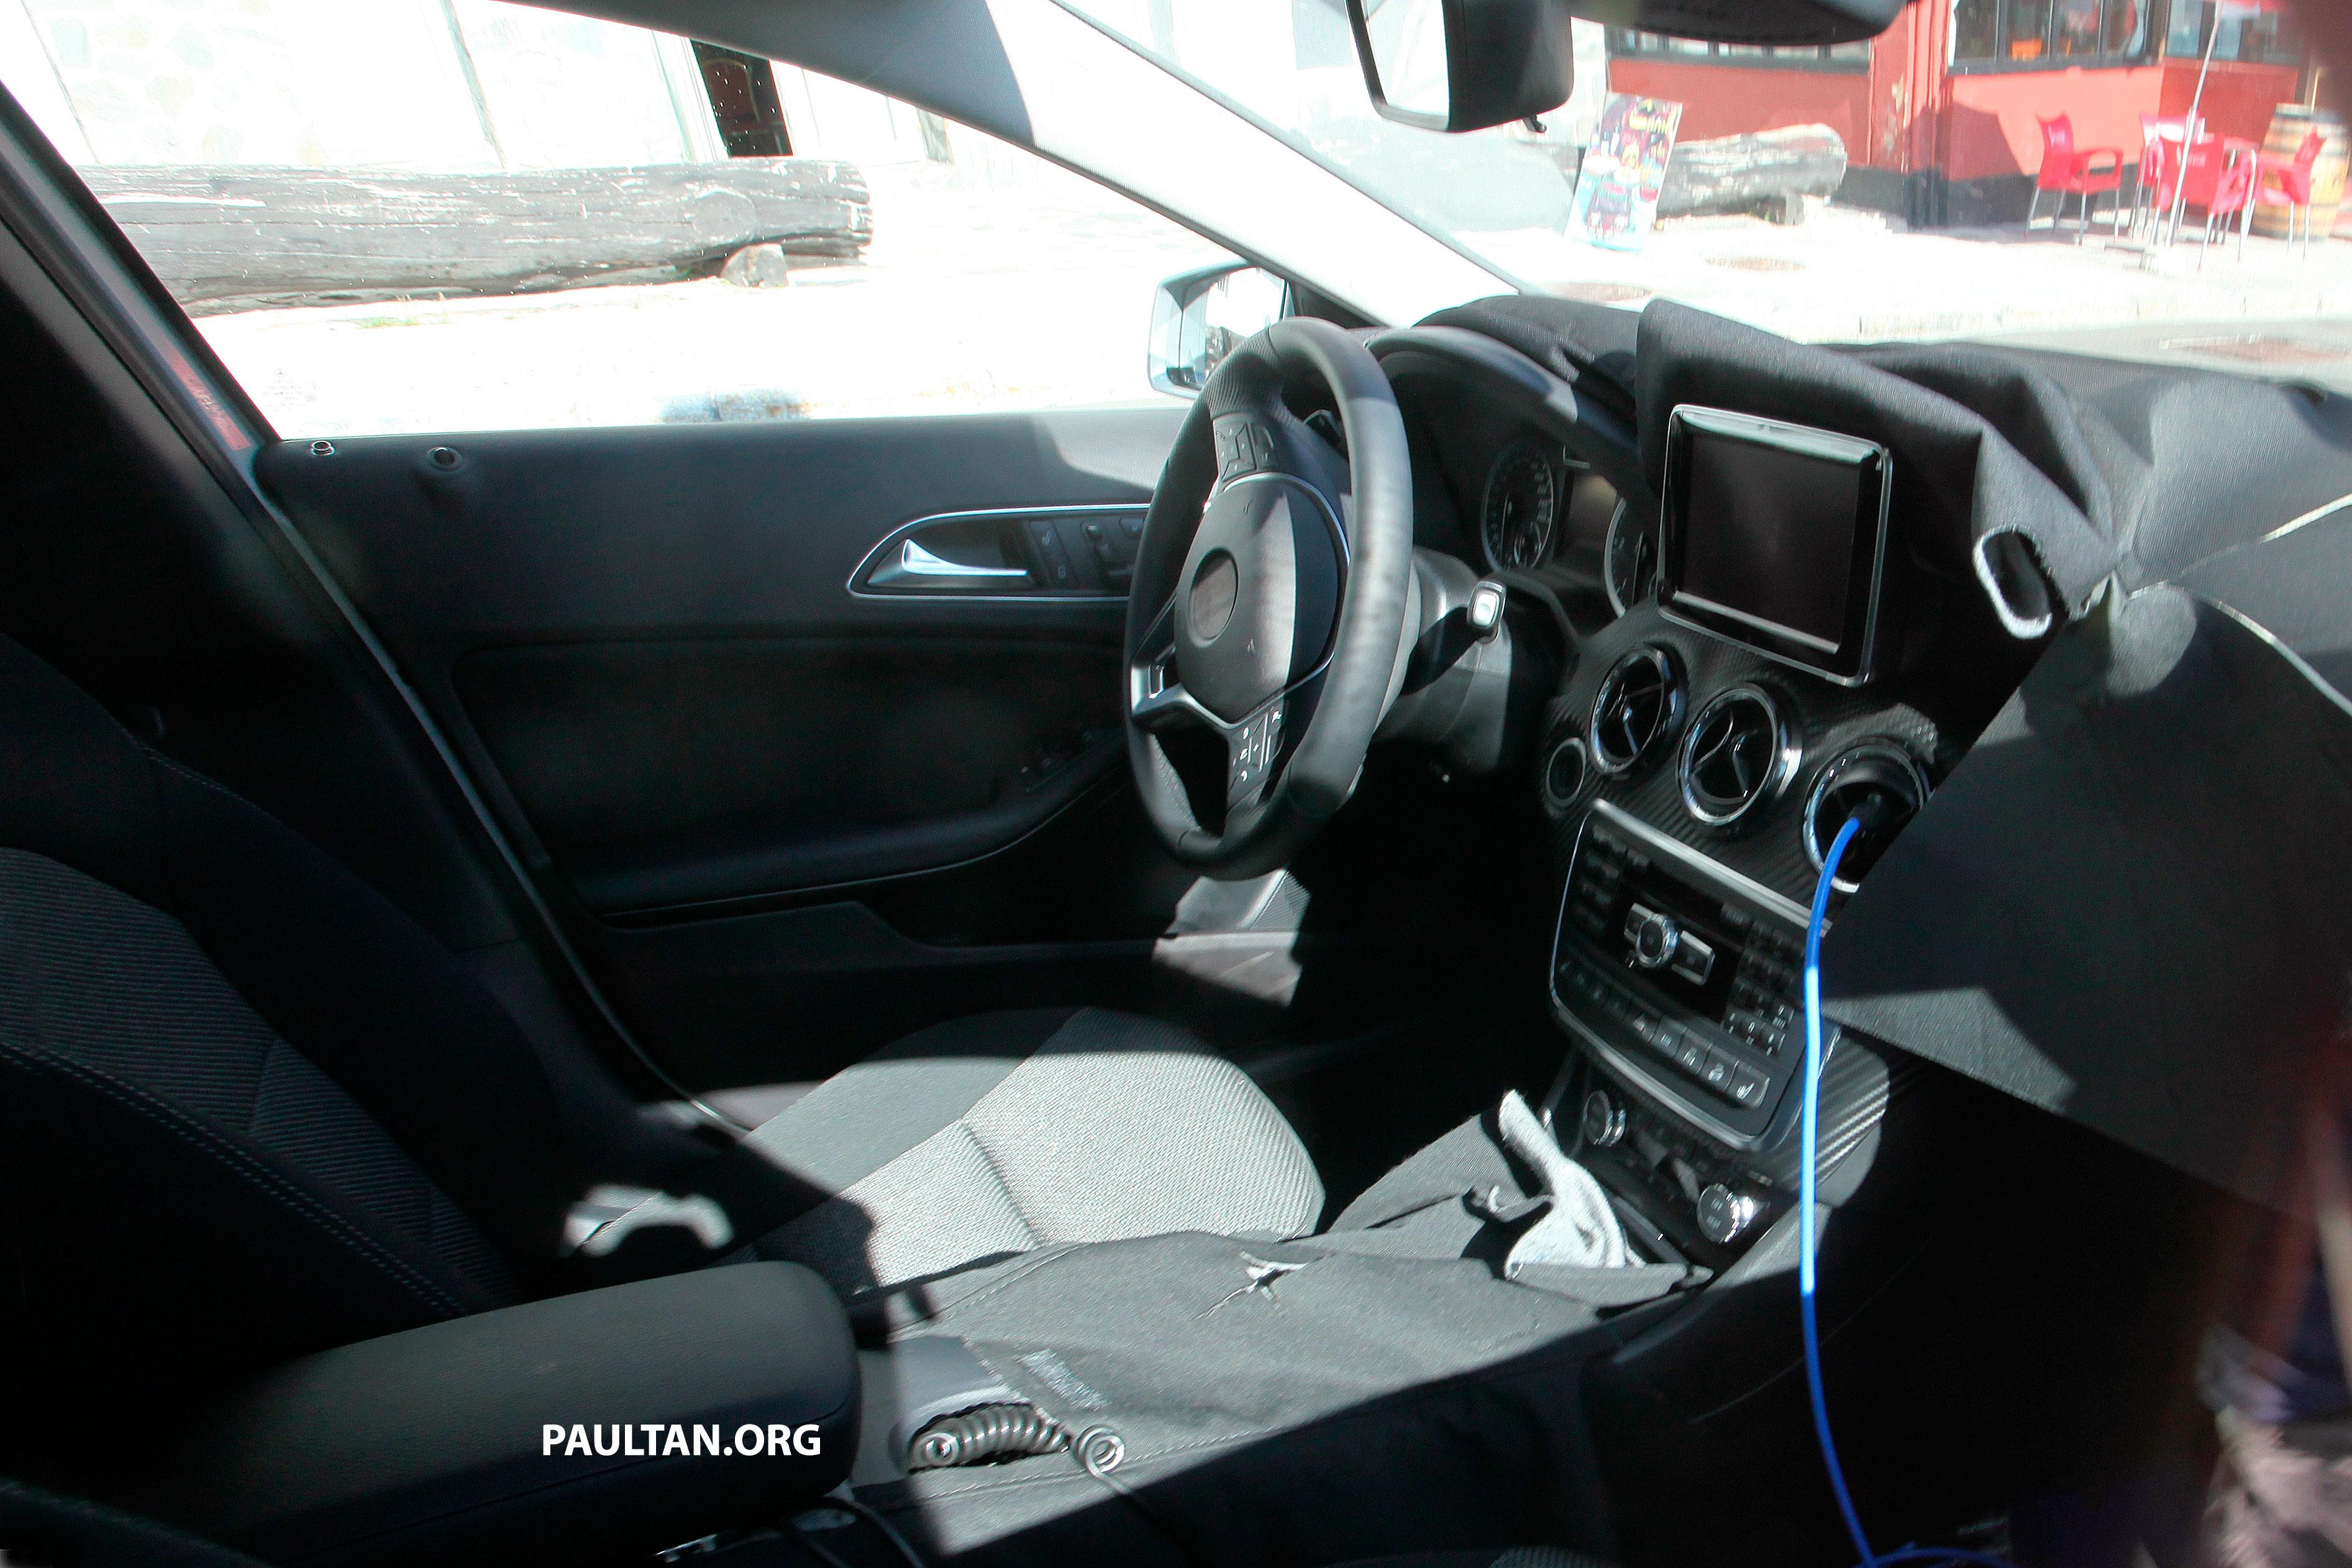 Mercedes benz gla class first shots of interior paul tan for Mercedes benz gla class interior